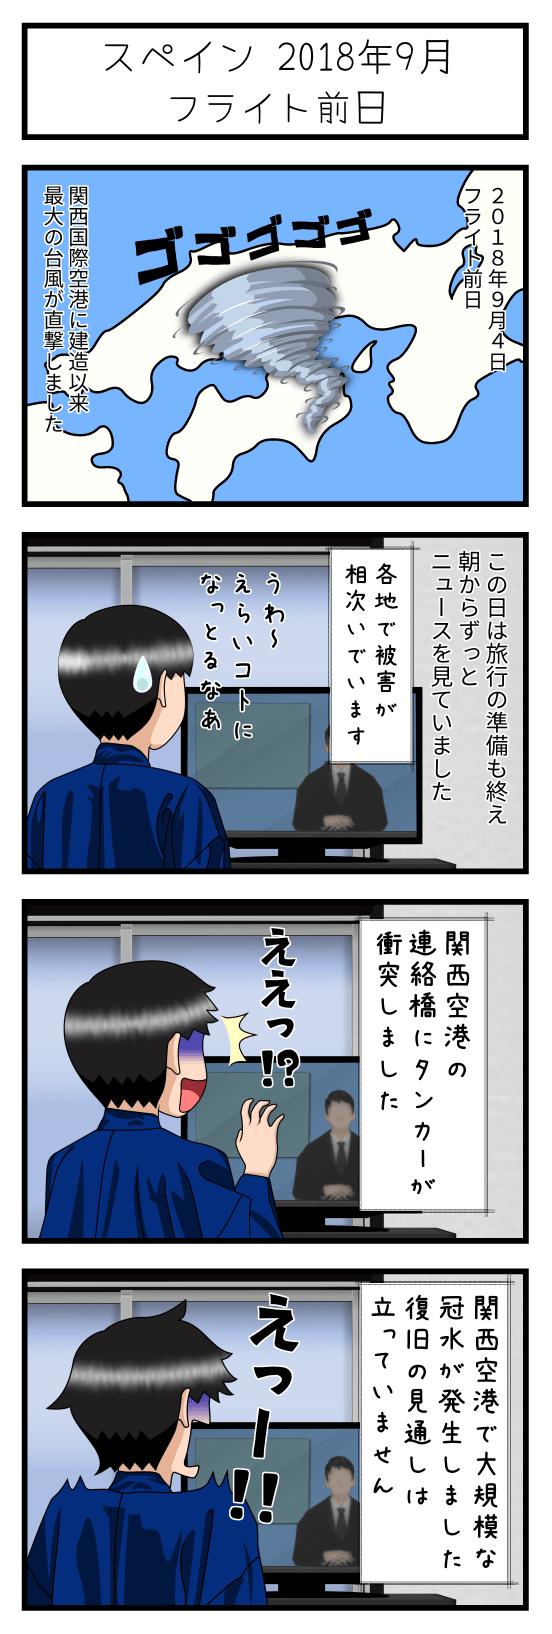 spain_201809_02_1